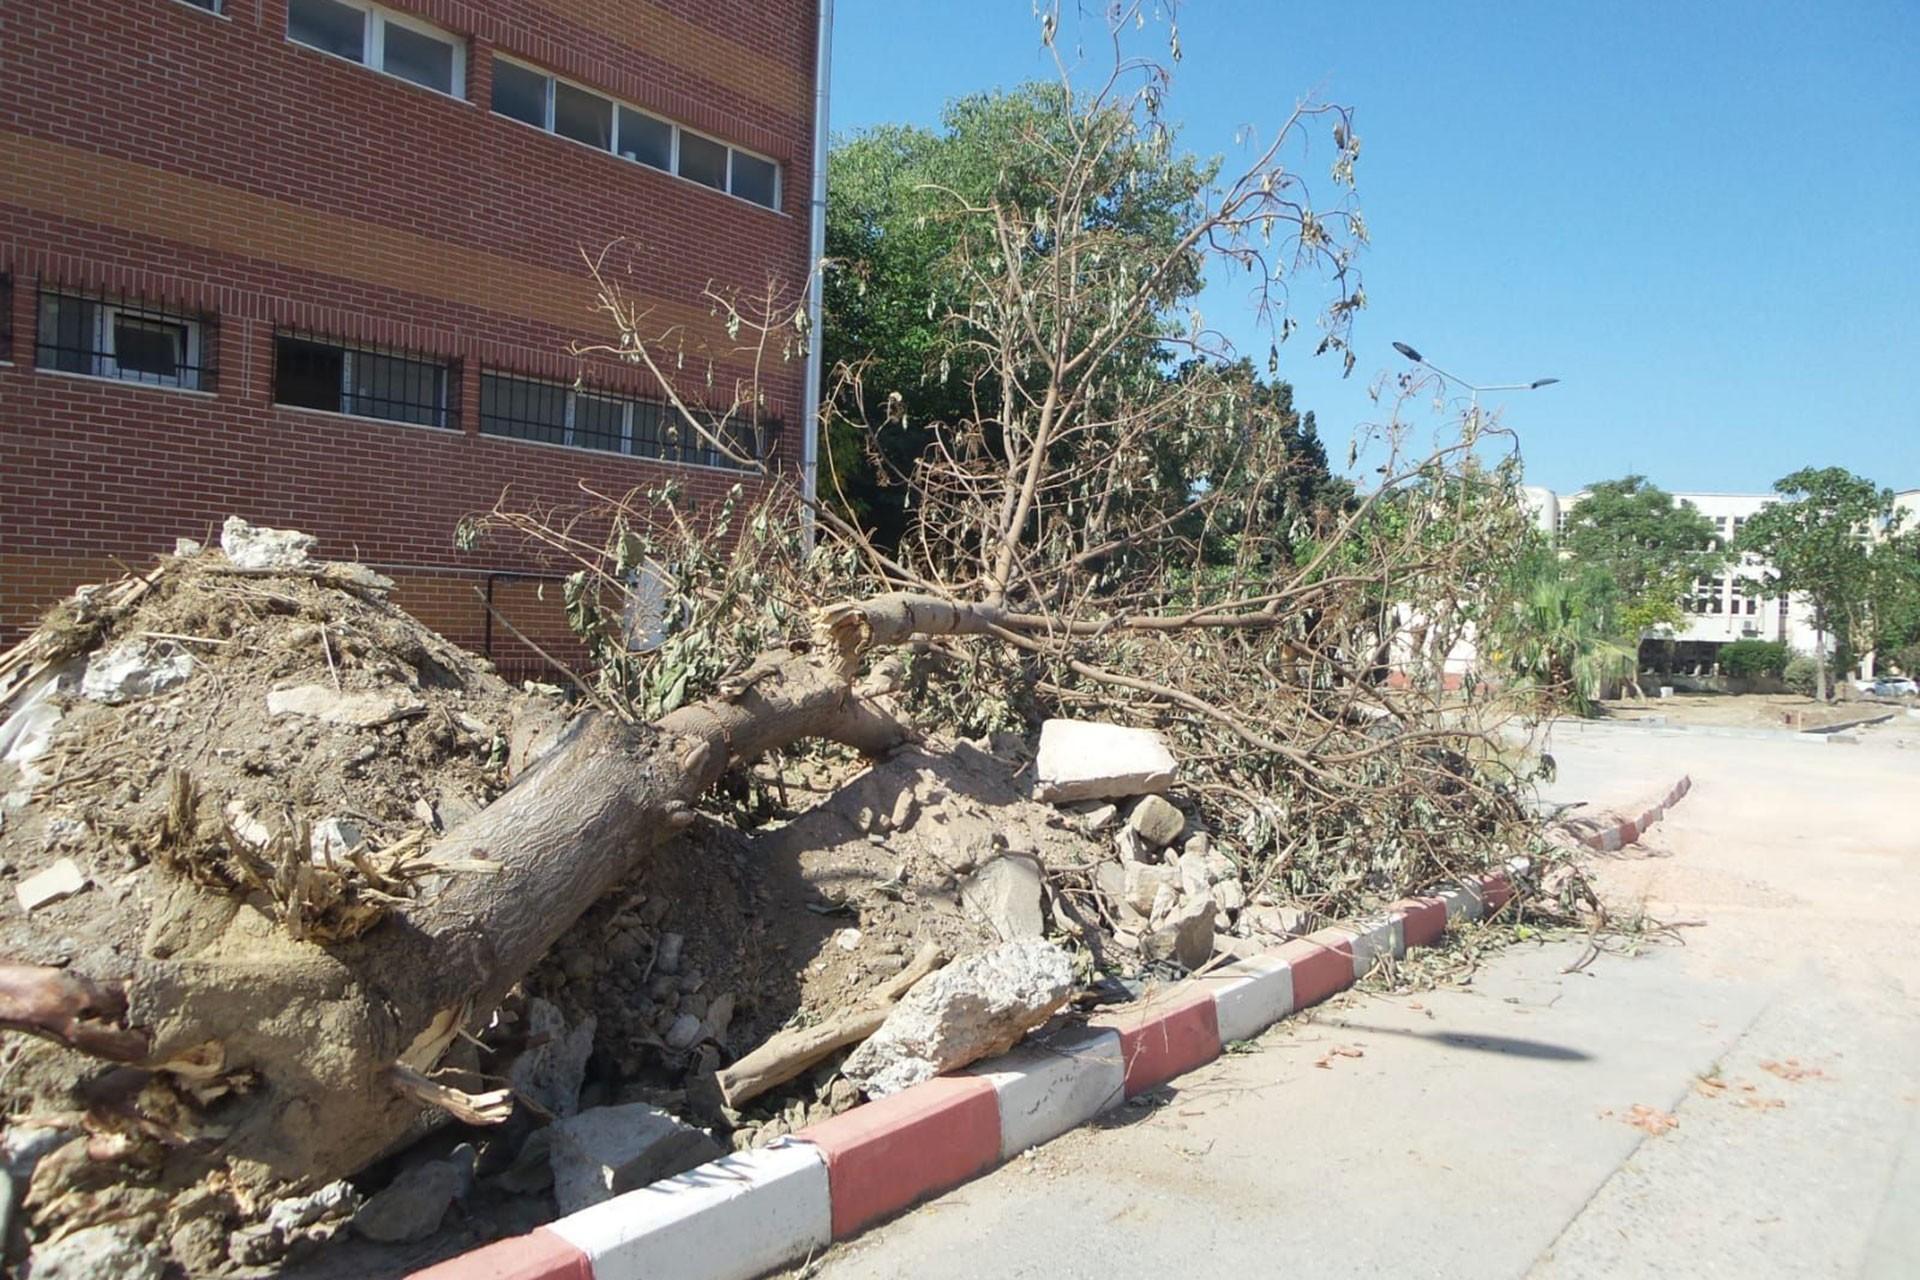 Ege Üniversitesinde ağaç kesimine tepki: Böyle 'yeşil üniversite' olunur mu?